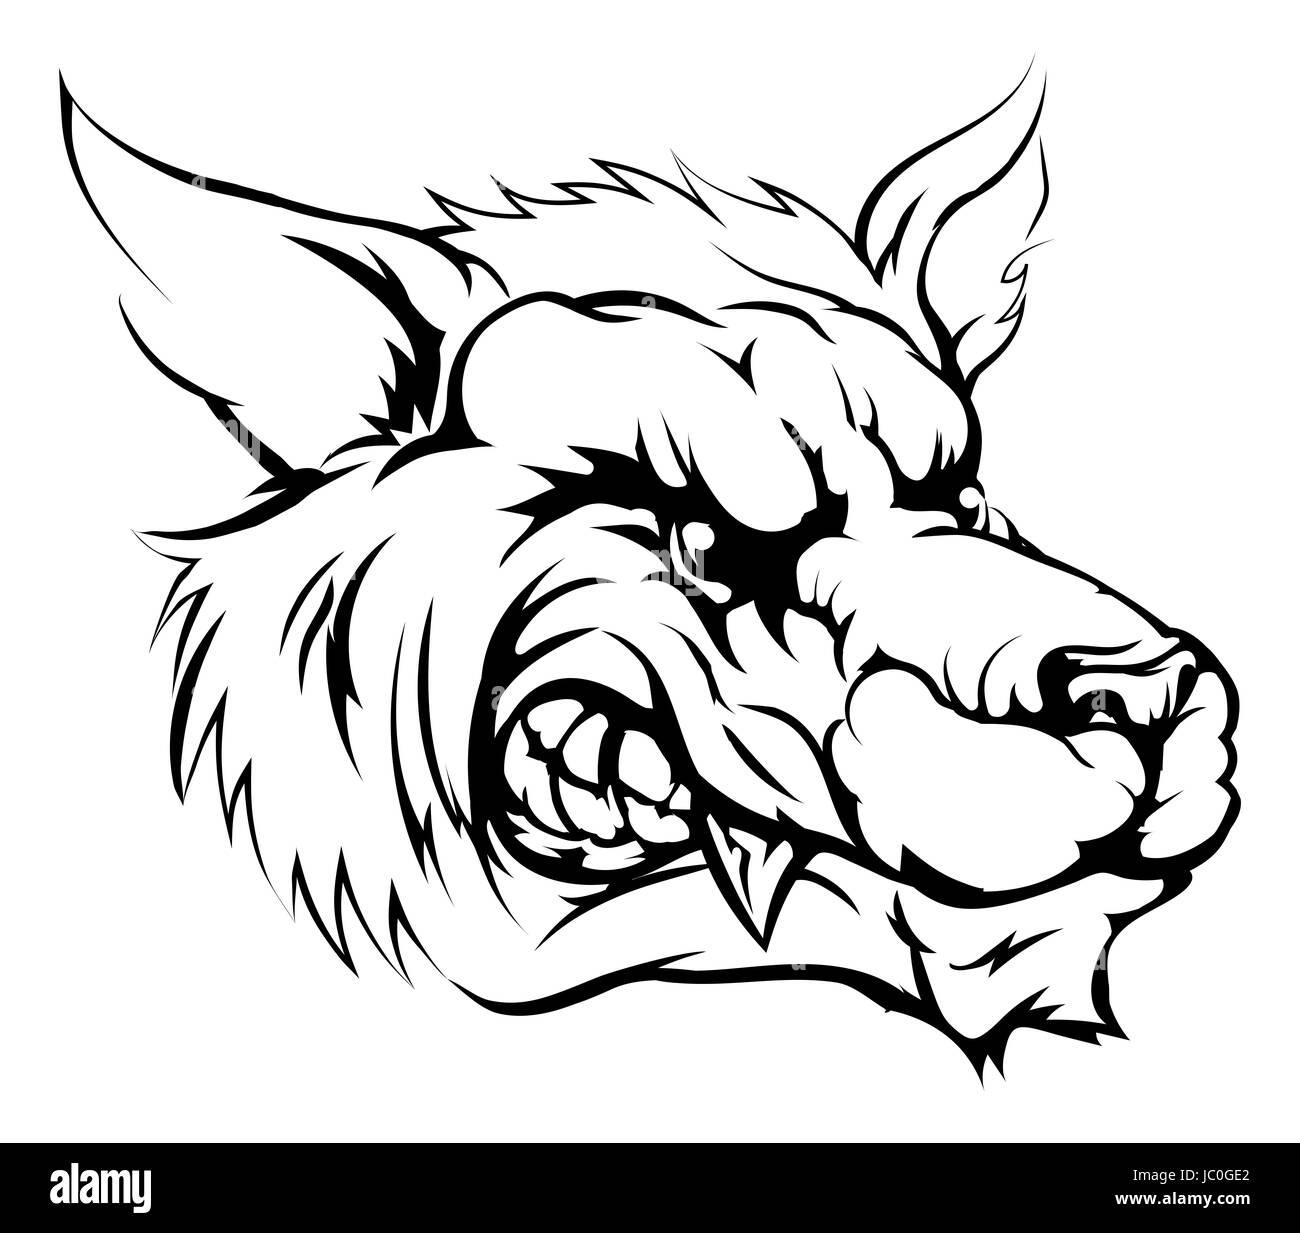 Un bianco e nero illustrazione di un lupo feroce animale o personaggio  mascotte sportive Immagini Stock 5577b0b9edc9